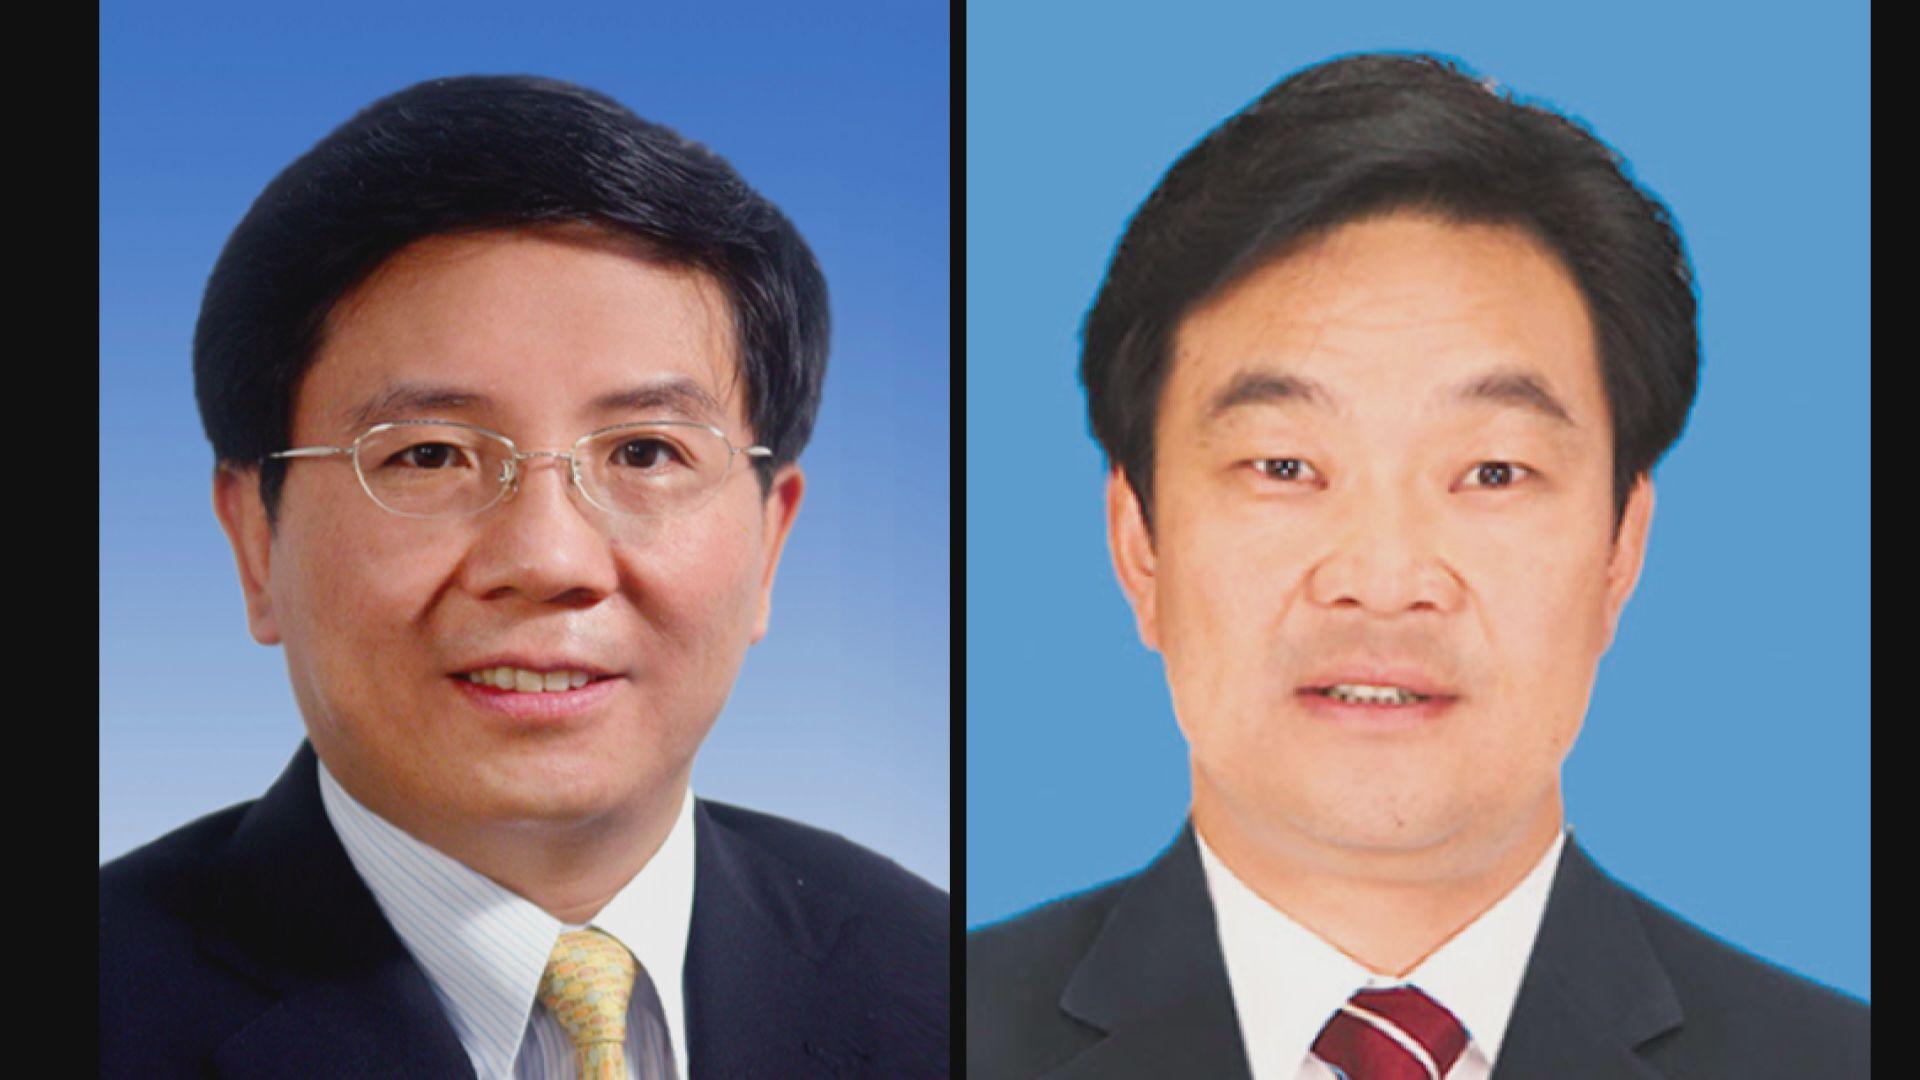 美國再制裁兩名現任和前任新疆官員